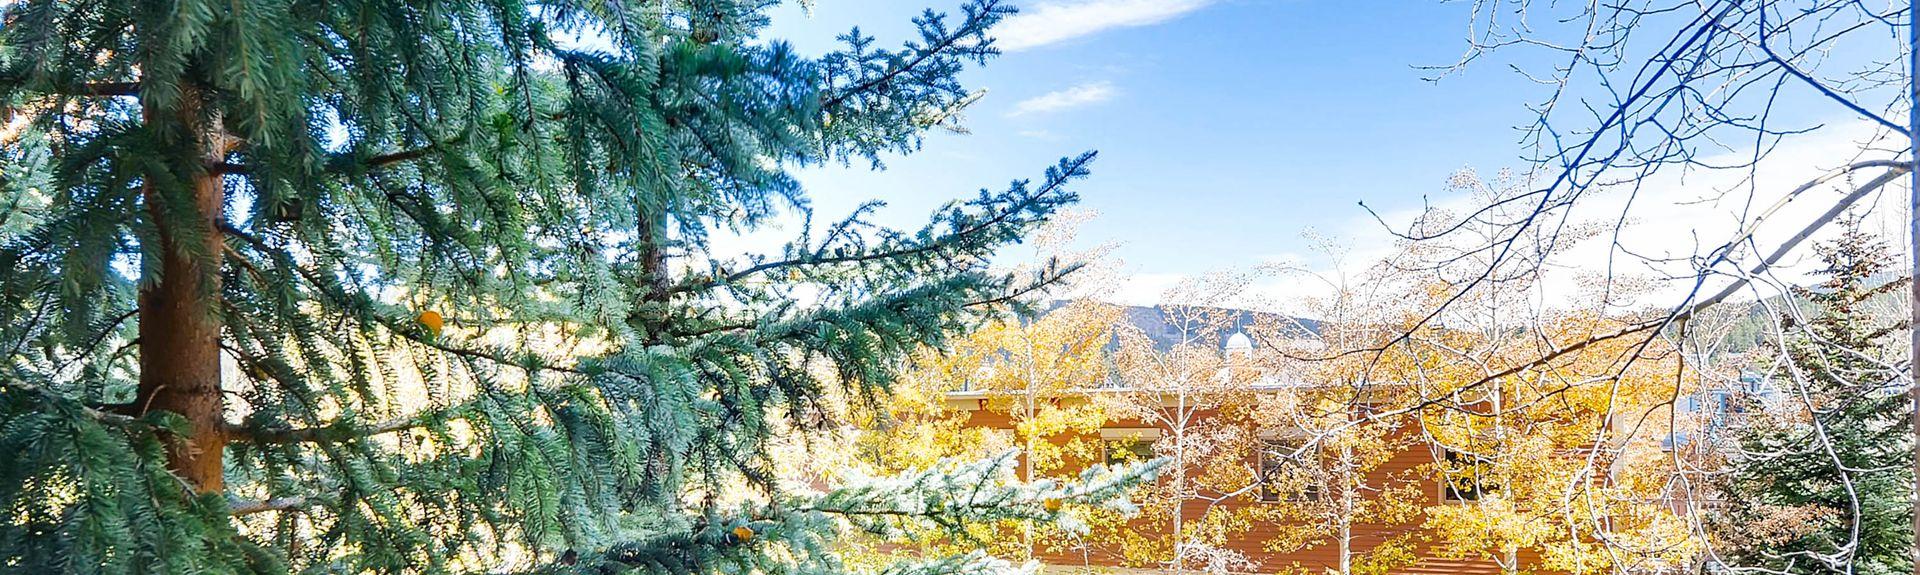 Weisshorn, Breckenridge, Colorado, Estados Unidos